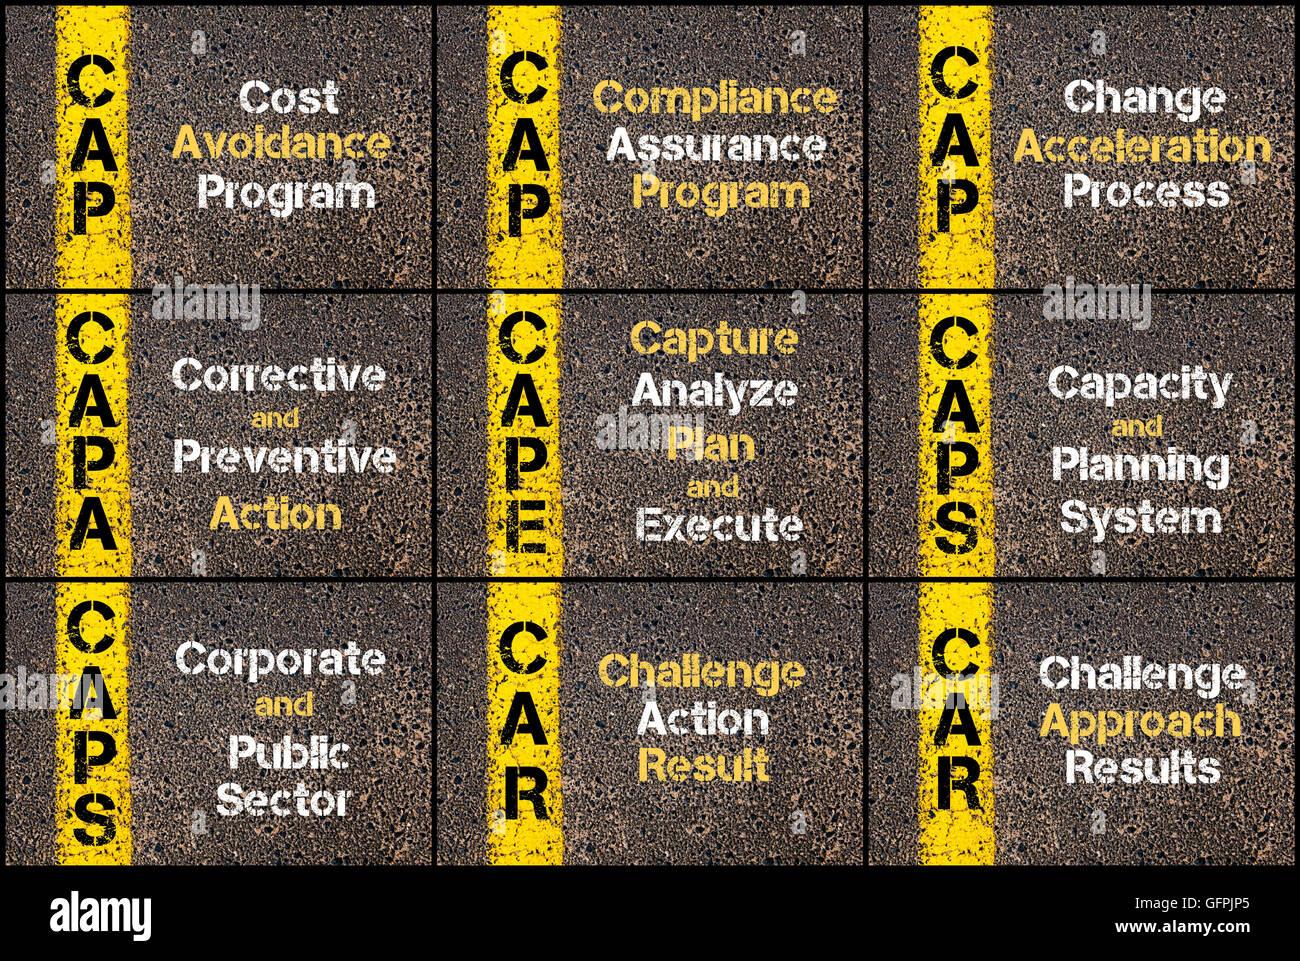 Photo Collage di acronimi aziendali scritti sopra la segnaletica stradale vernice gialla linea. Tappo, CAPA, CAPE, tappi, auto, Foto Stock